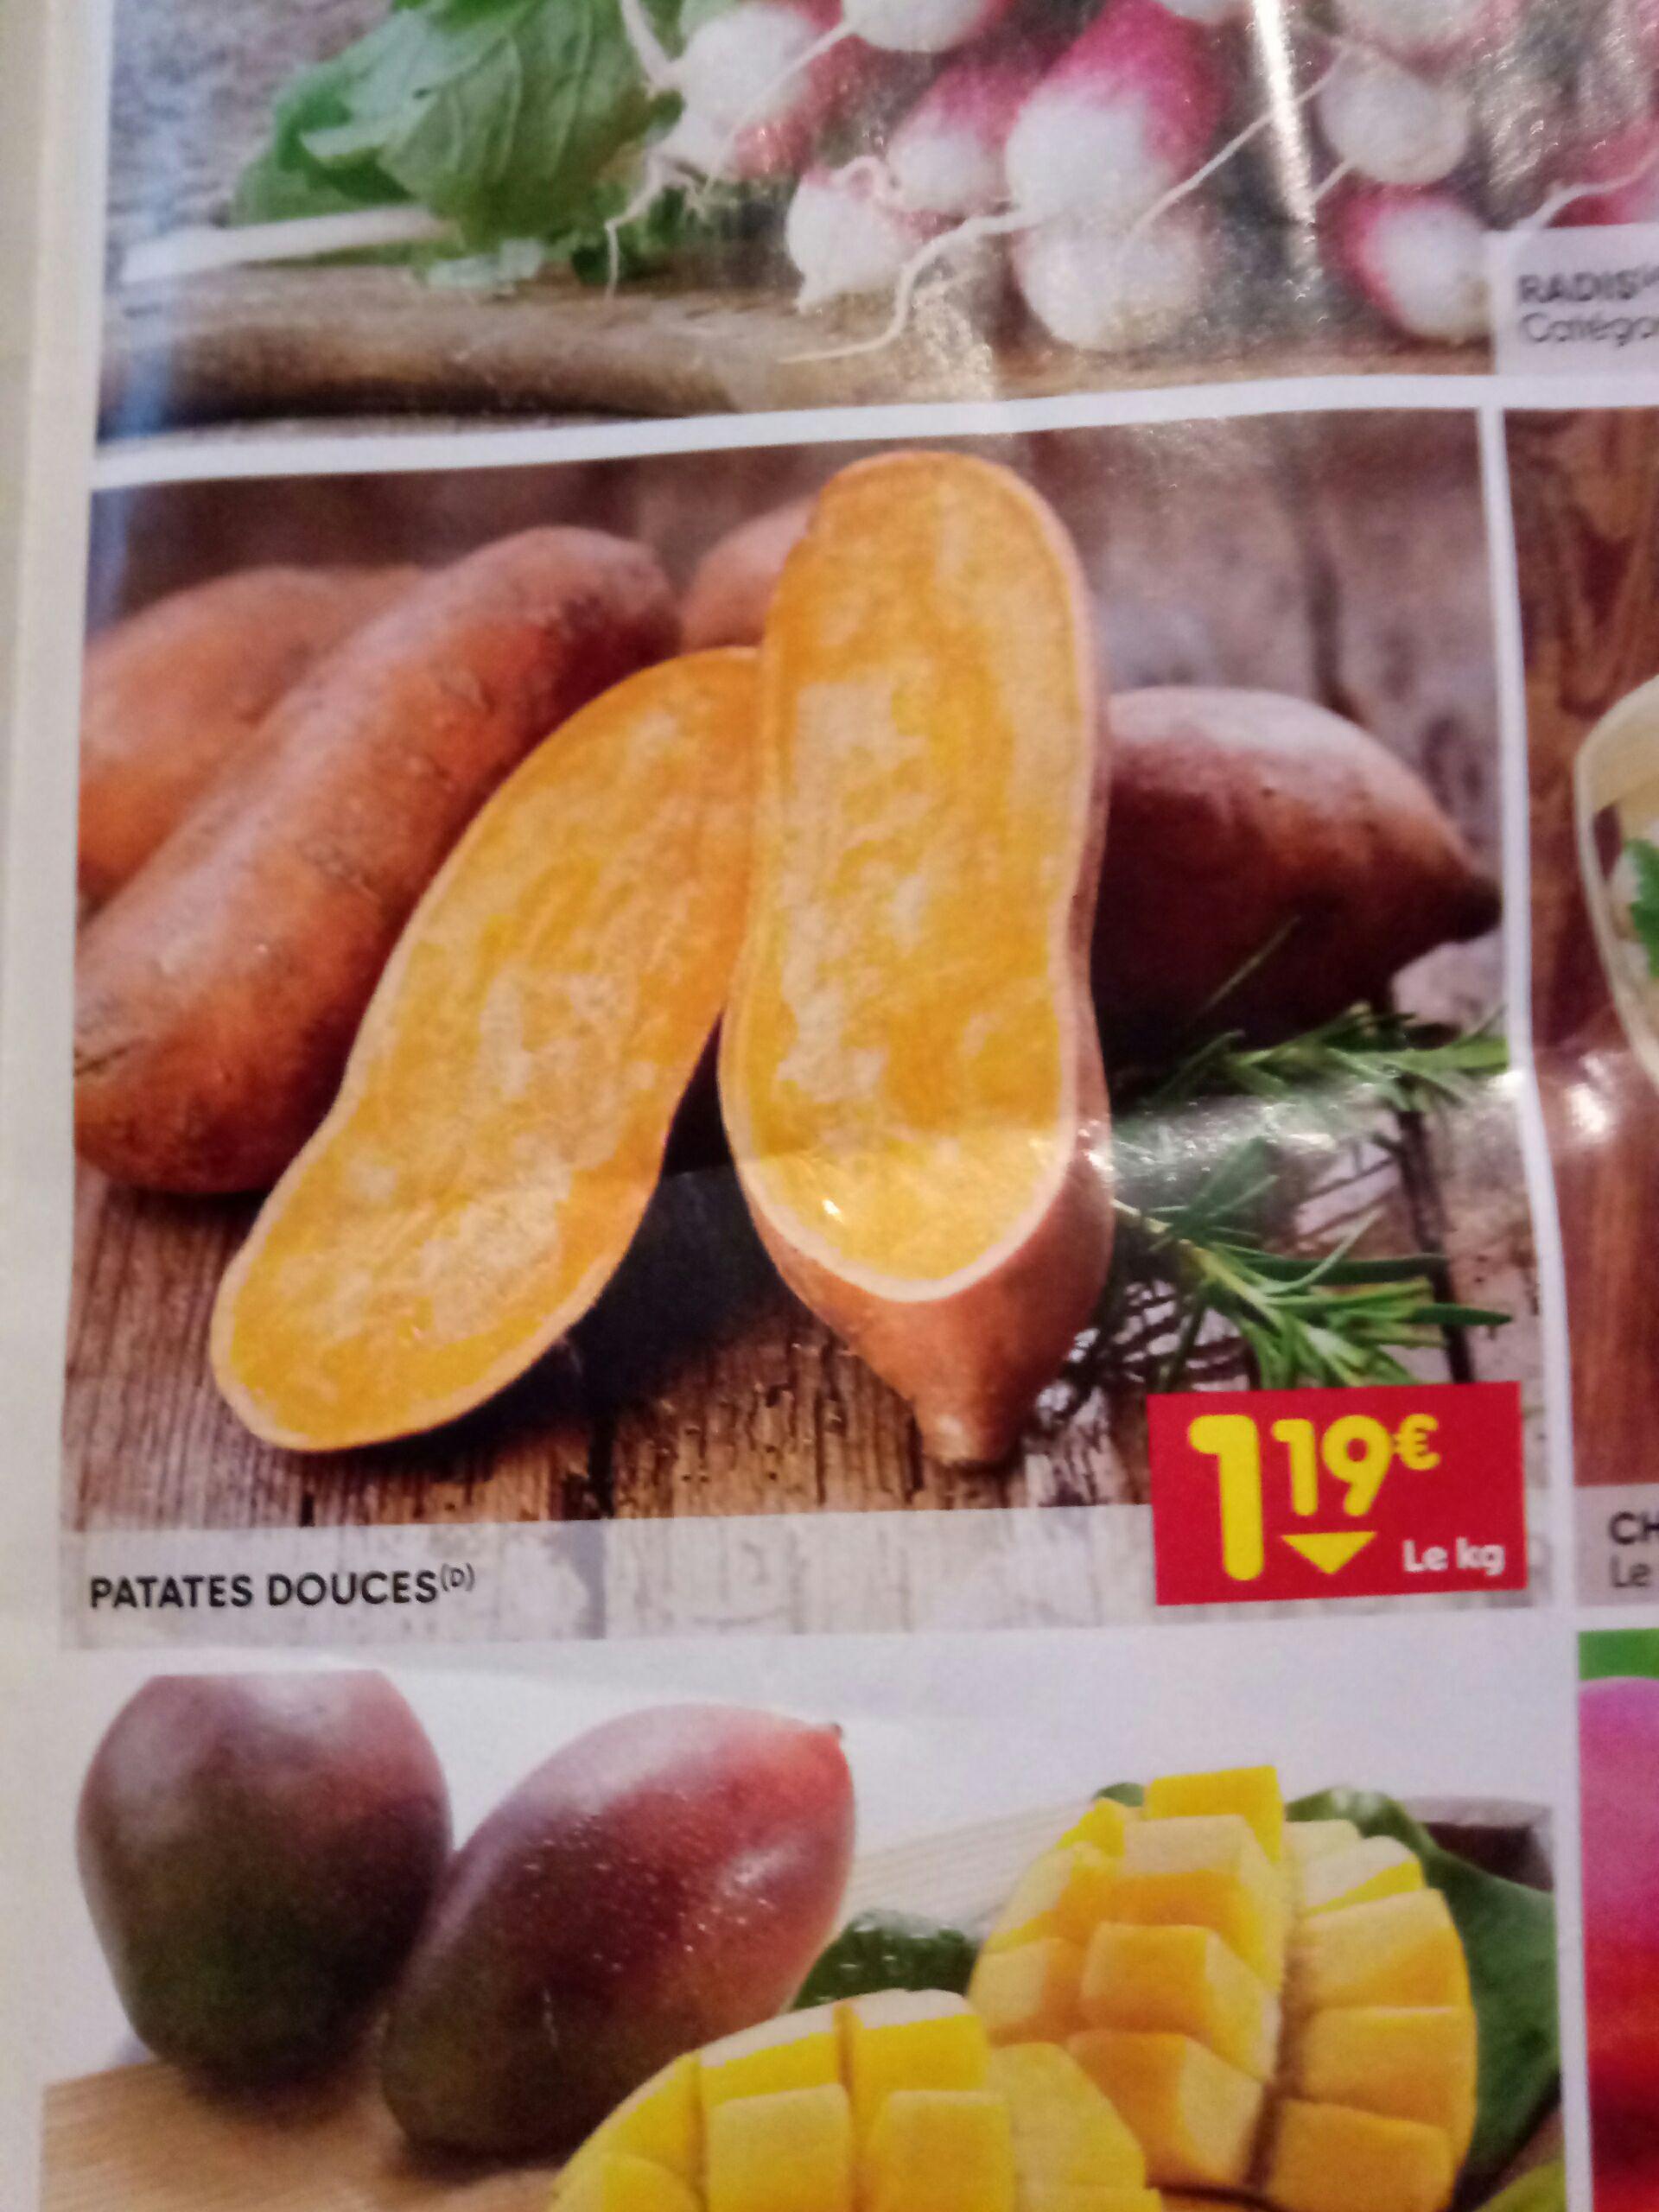 Patates douces - le kilo